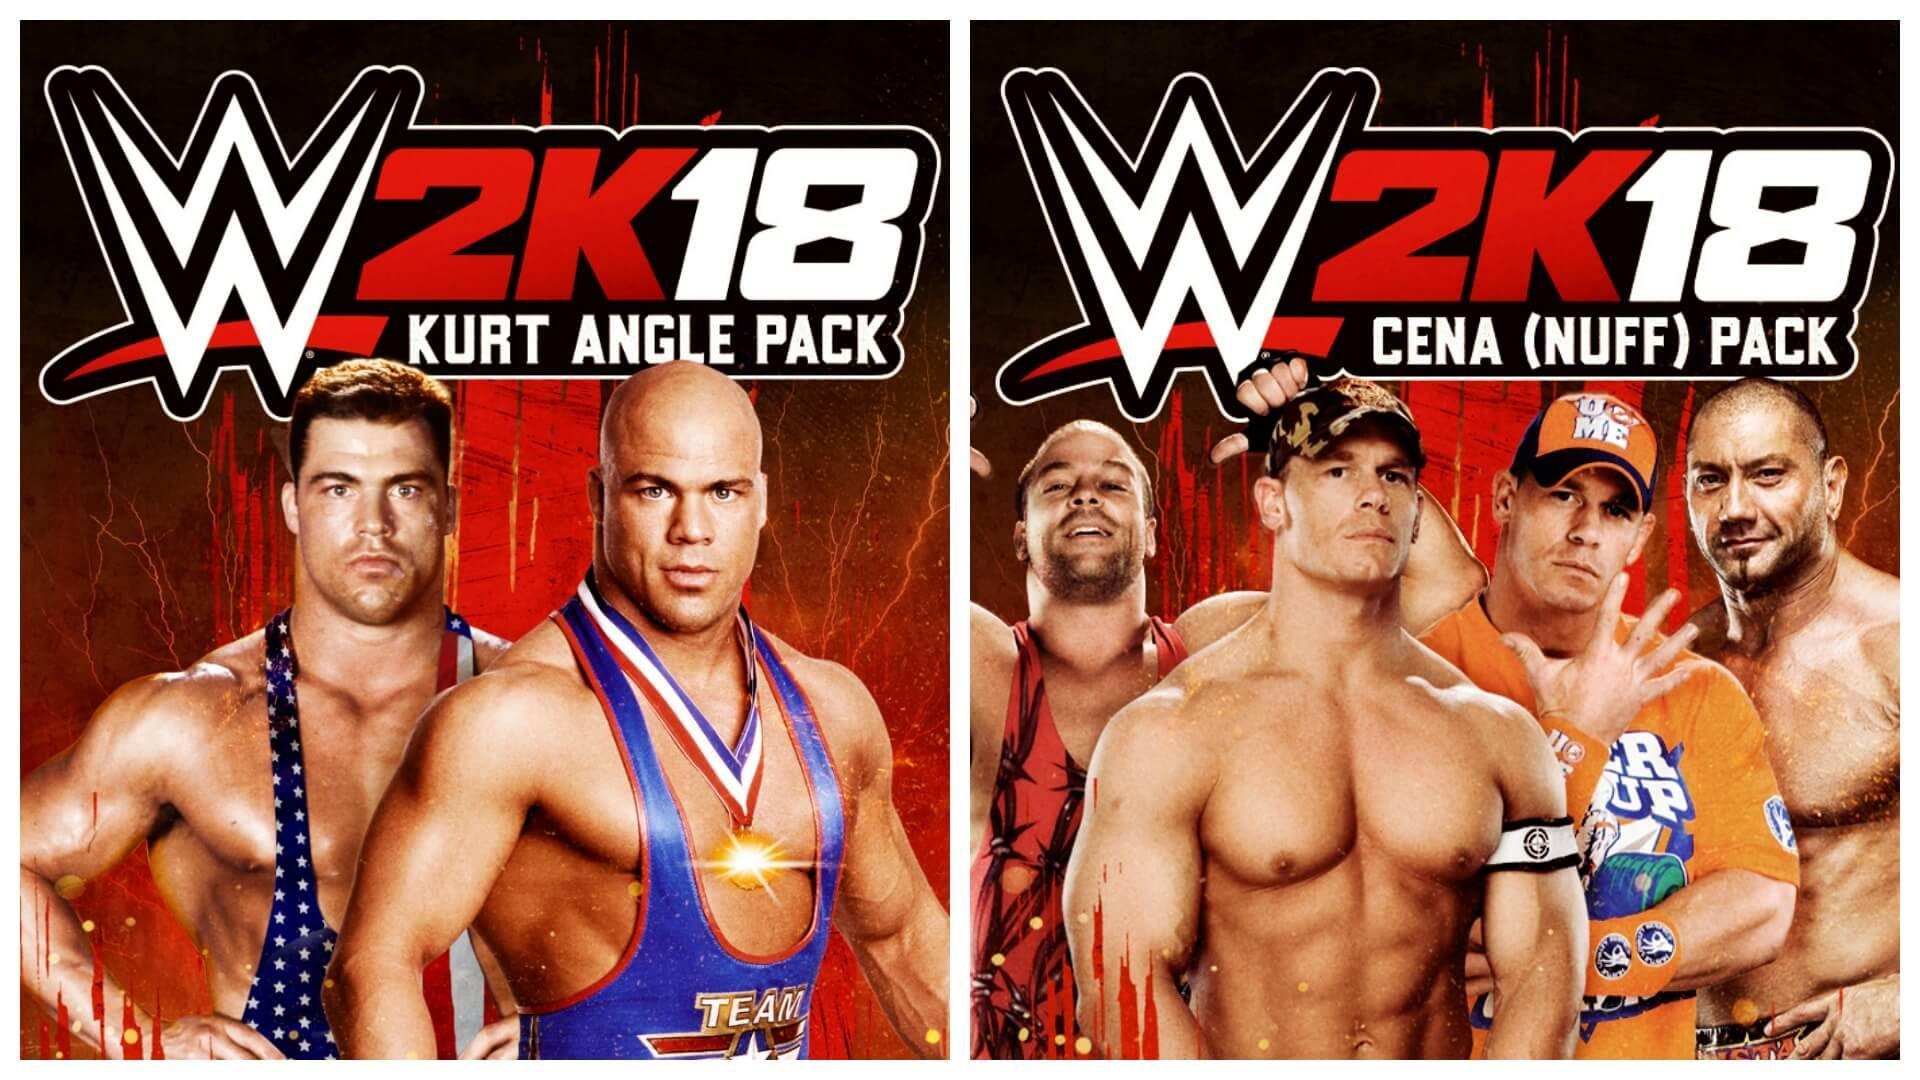 Hai dimenticato di prenotare WWE 2K18 o magari hai acquistato l'edizione standard? Niente paura. Ora il pacchetto Kurt Angle e il pacchetto Cena (Nuff) sono ...